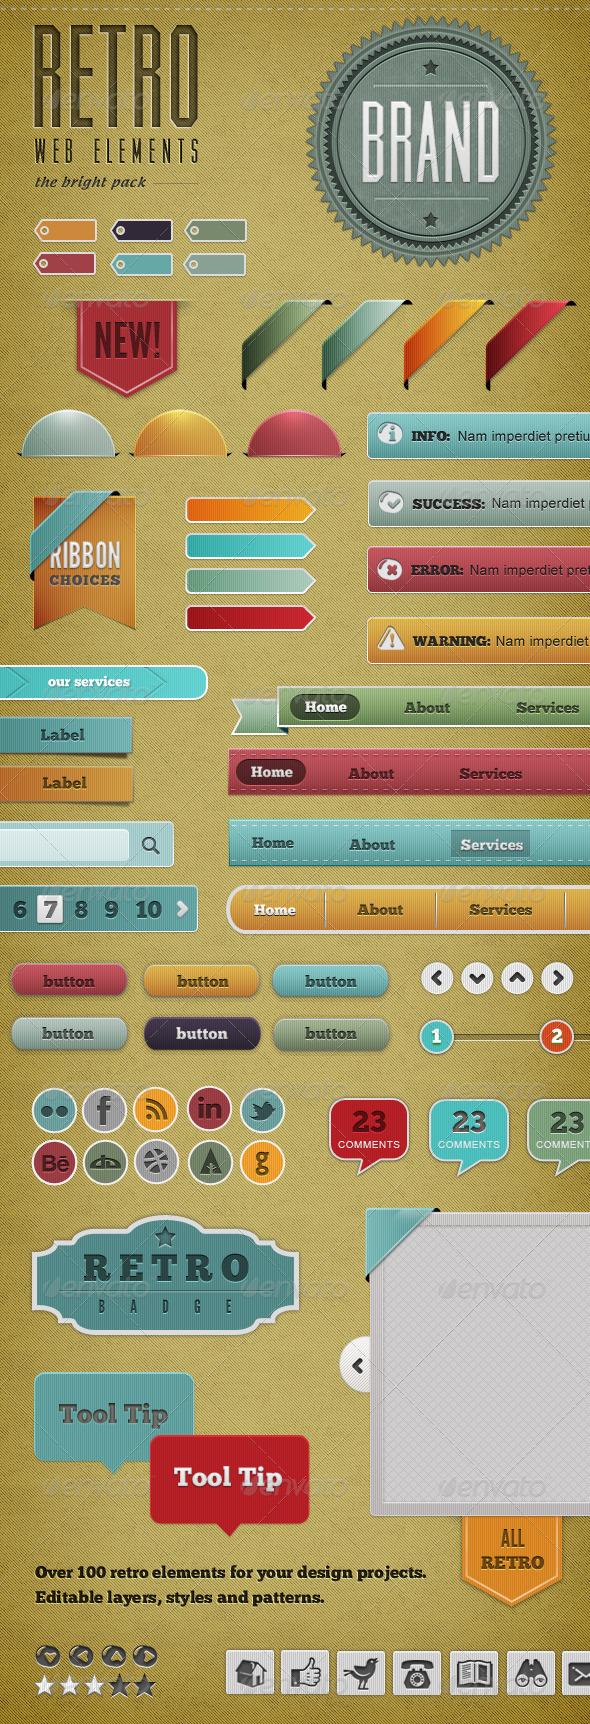 Retro Web Elements - Bright Pack - Miscellaneous Web Elements